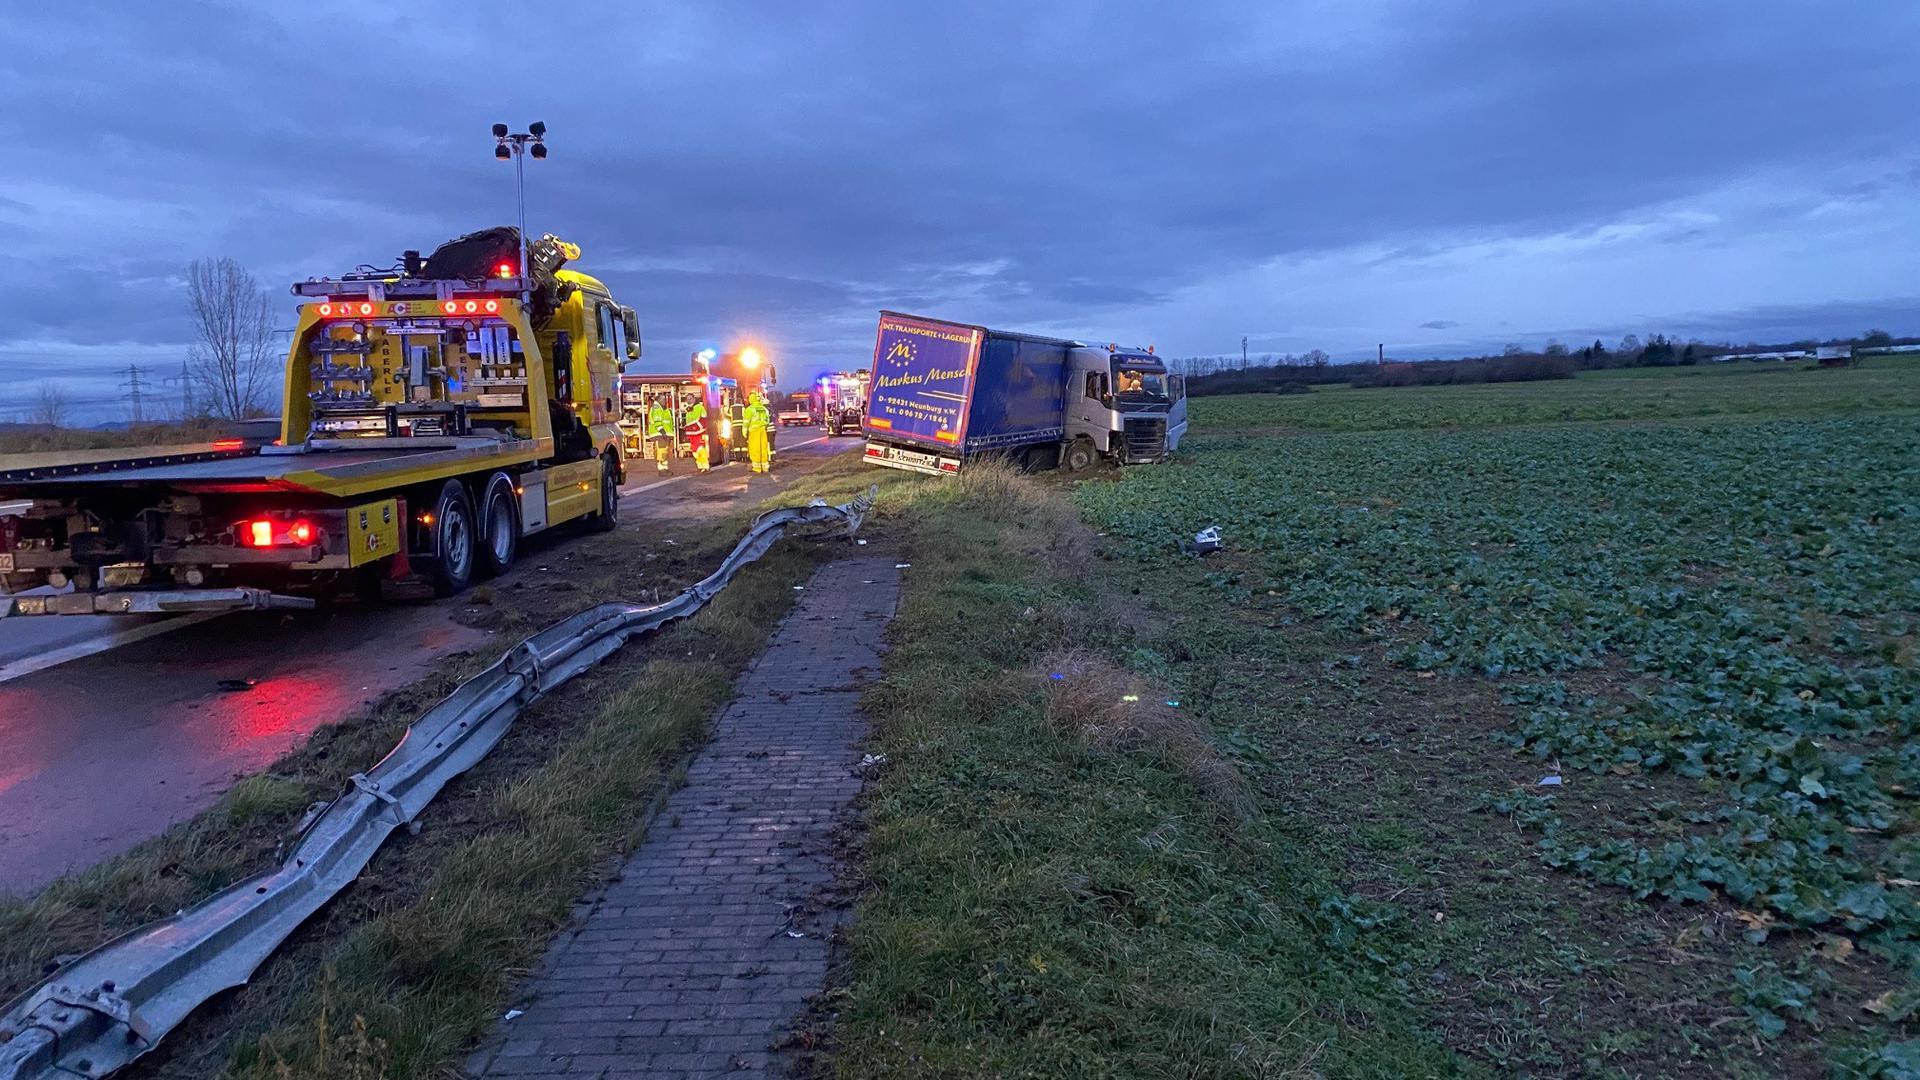 Lkw-Unfall zwischen Achern und Appenweier am Montagmorgen.